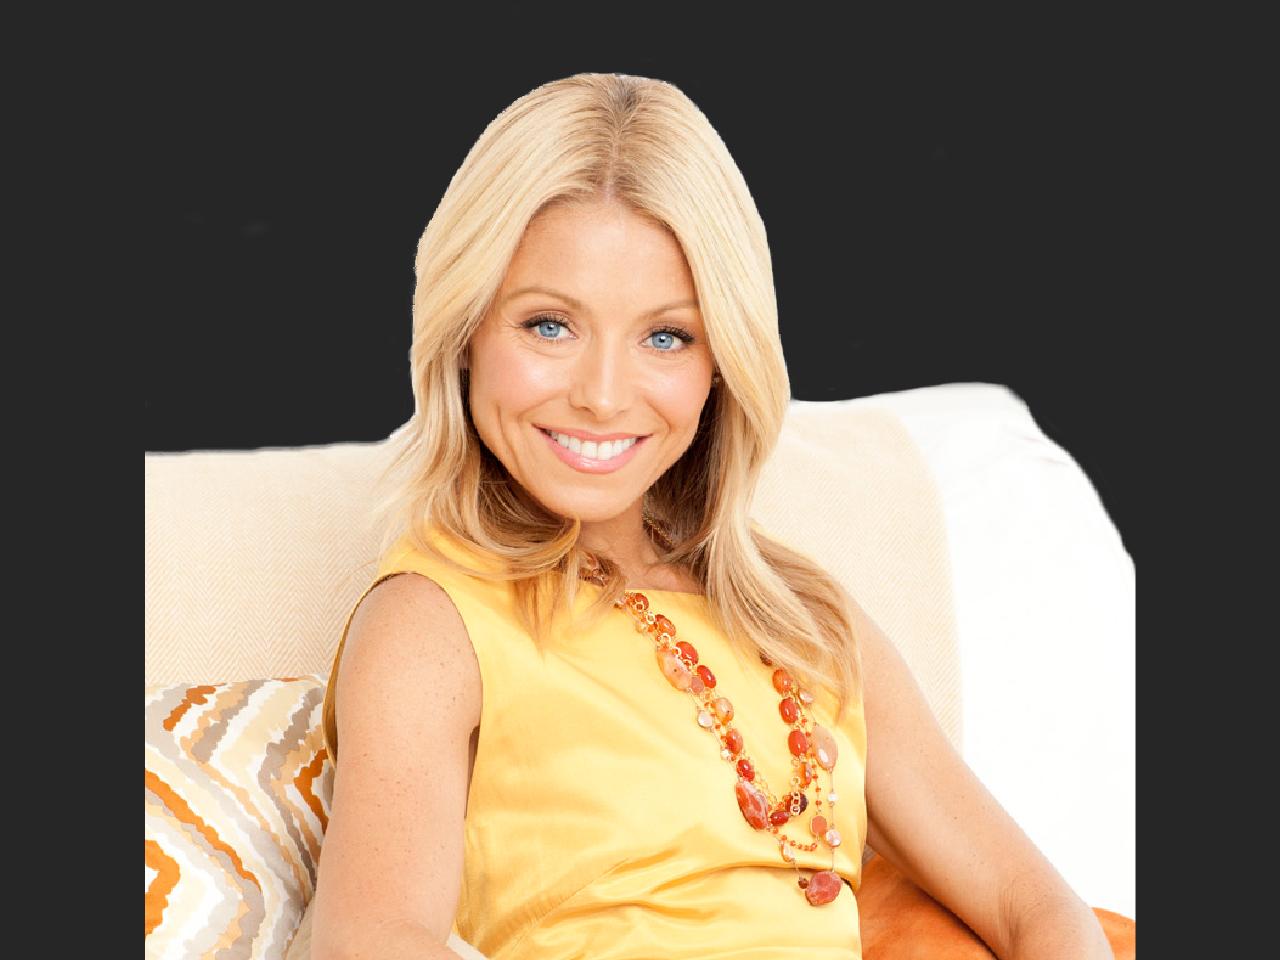 Kelly Ripa, actress, talk show host, TV producer